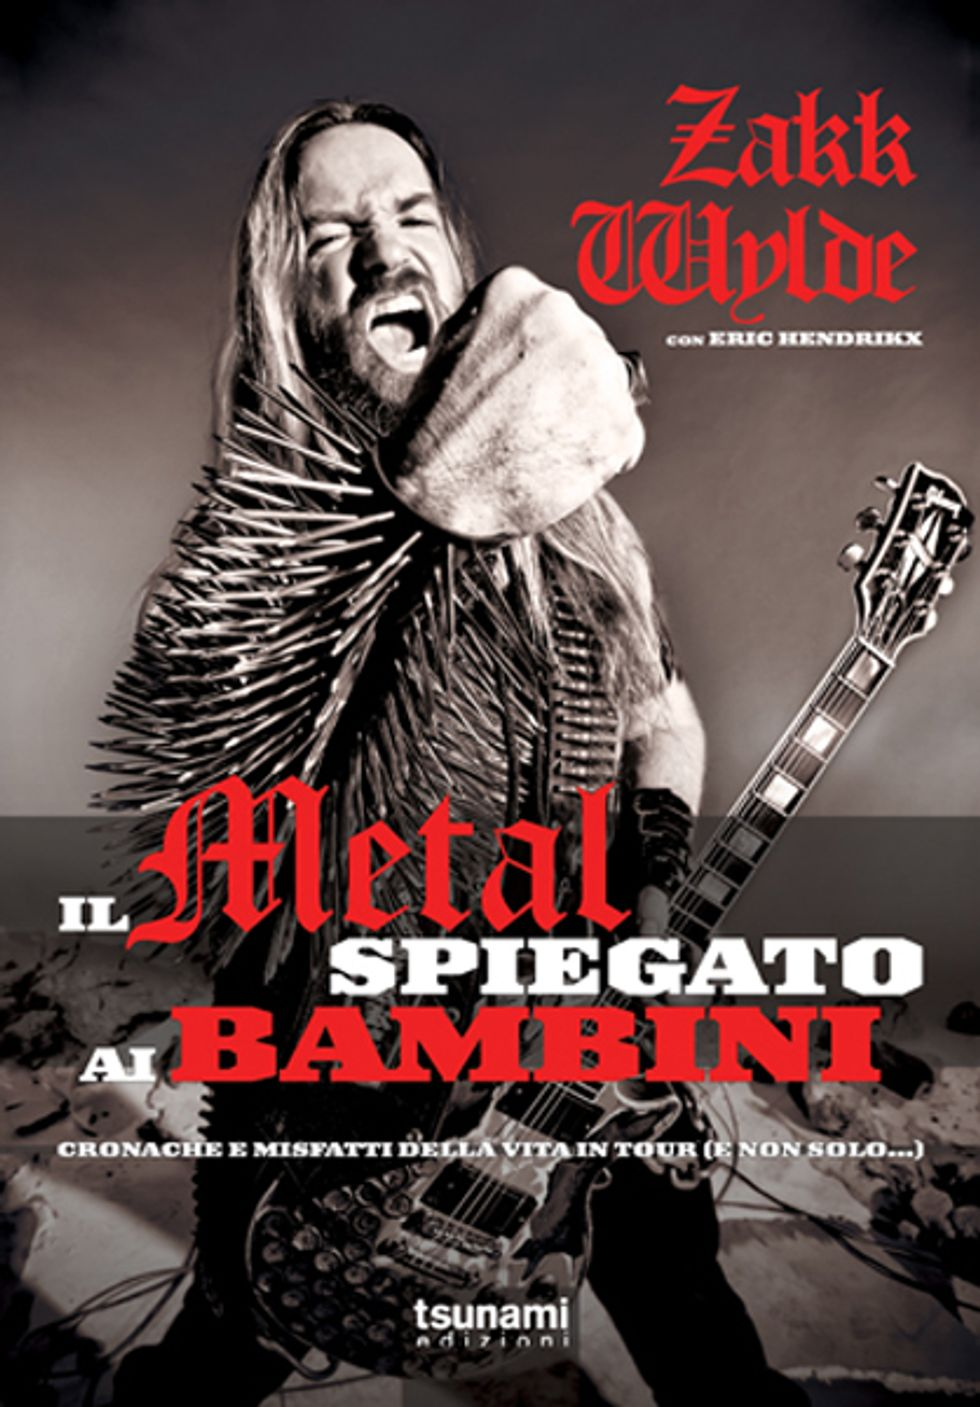 """""""Il metal spiegato ai bambini"""", un libro del chitarrista di Ozzy Osbourne"""